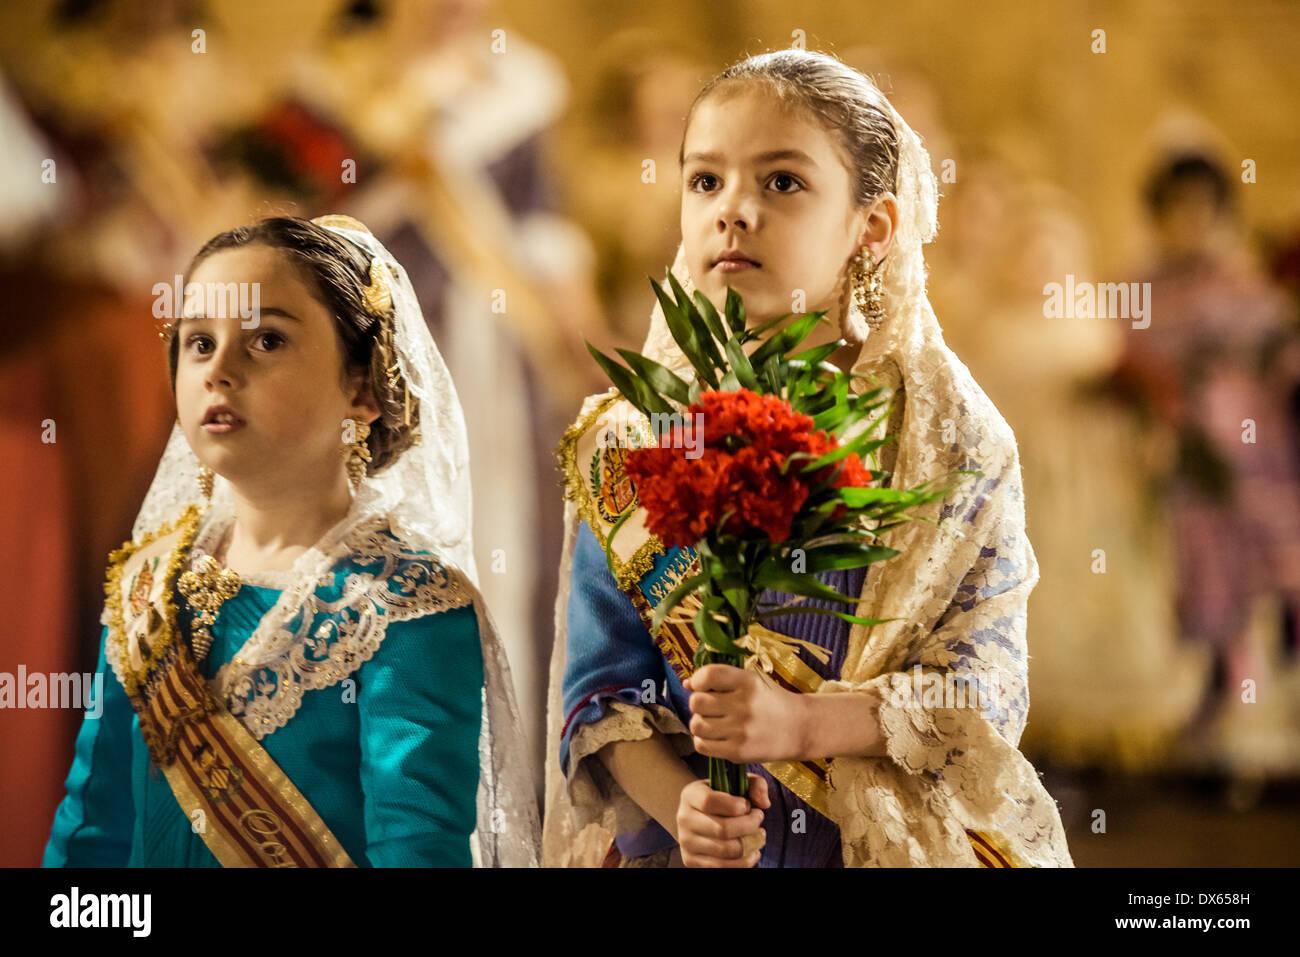 Valencia, Spagna. Marzo 18th, 2014: un po' di Fallera offre finalmente il suo bouquet di fiori alla Vergine e mani oltre ad essere collocato in corrispondenza delle vergini dell'immagine. Credito: matthi/Alamy Live News Foto Stock